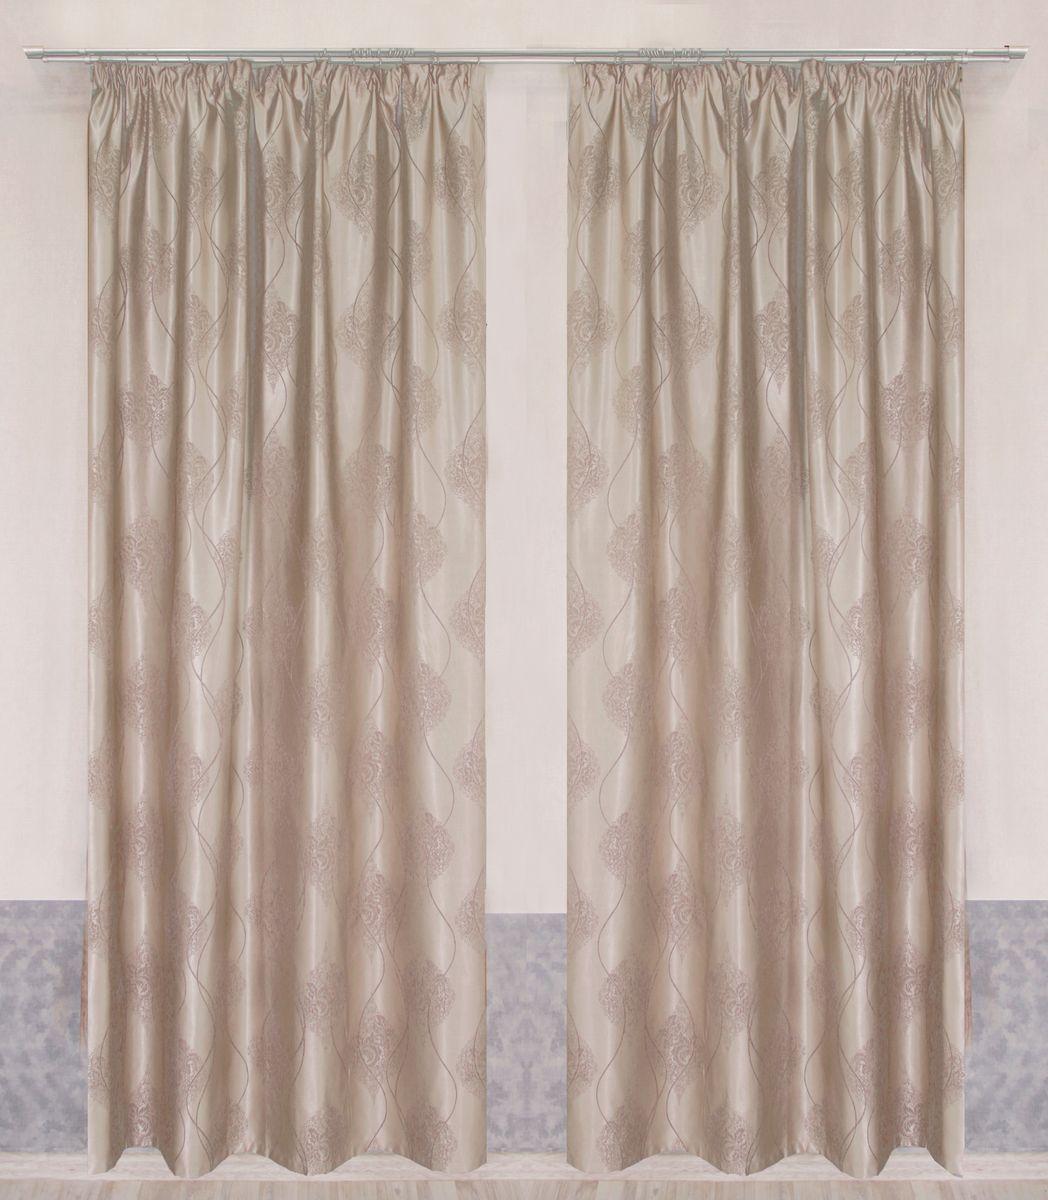 Комплект штор Zlata Korunka, на ленте, цвет: како с молоком, высота 265 смP608-7220/1Комплект штор: две портьеры шириной 160см. высотой 265 см. + два подхвата, крепление шторная лента.